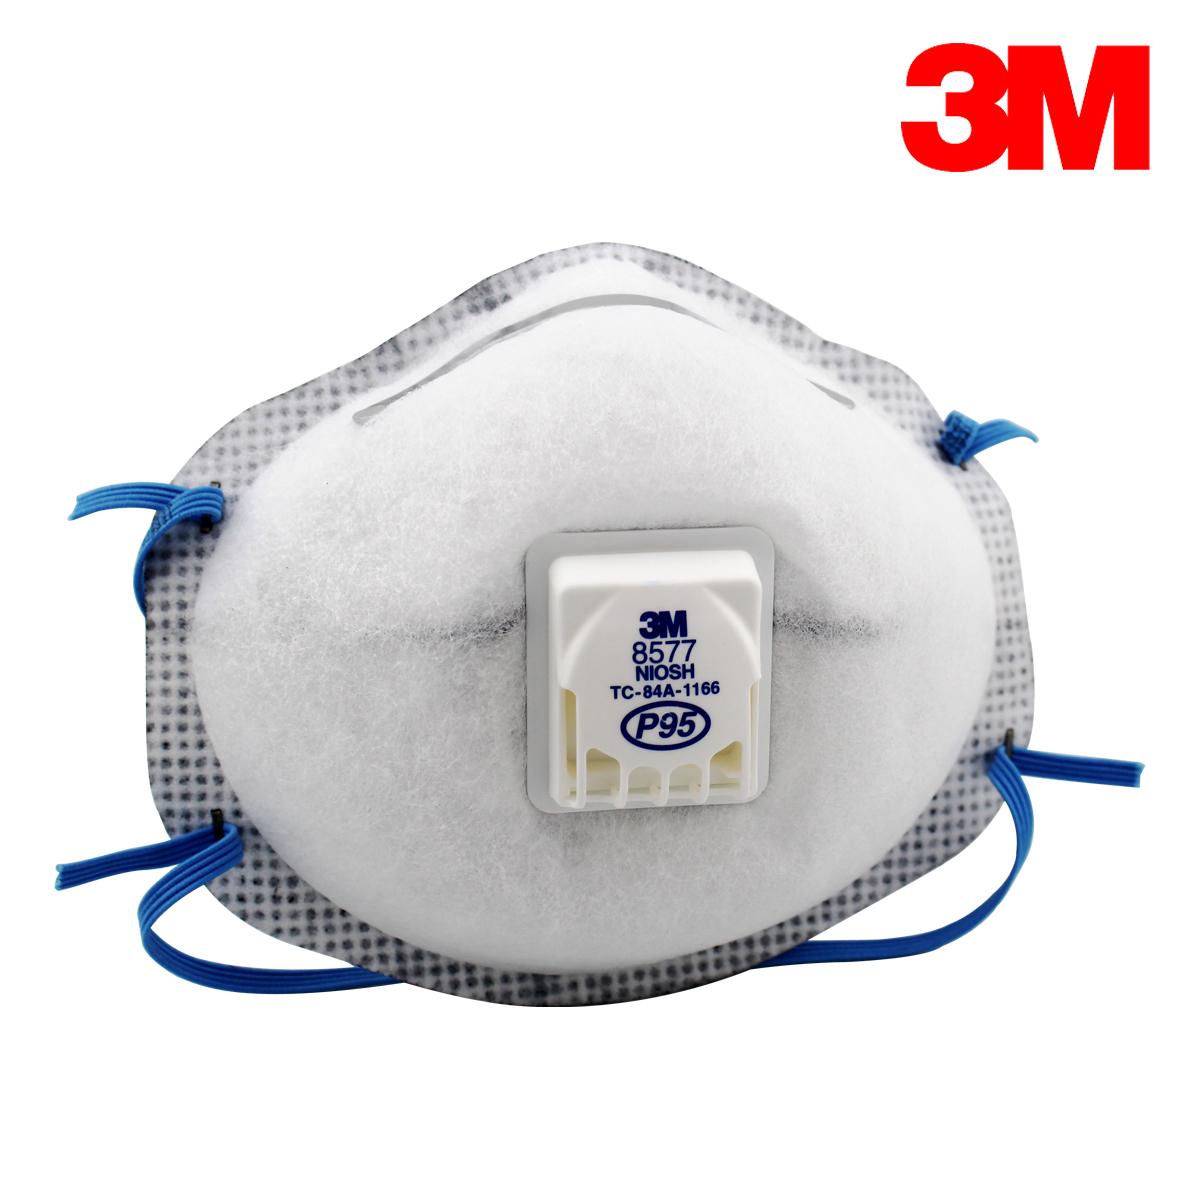 防护口罩产品汇总